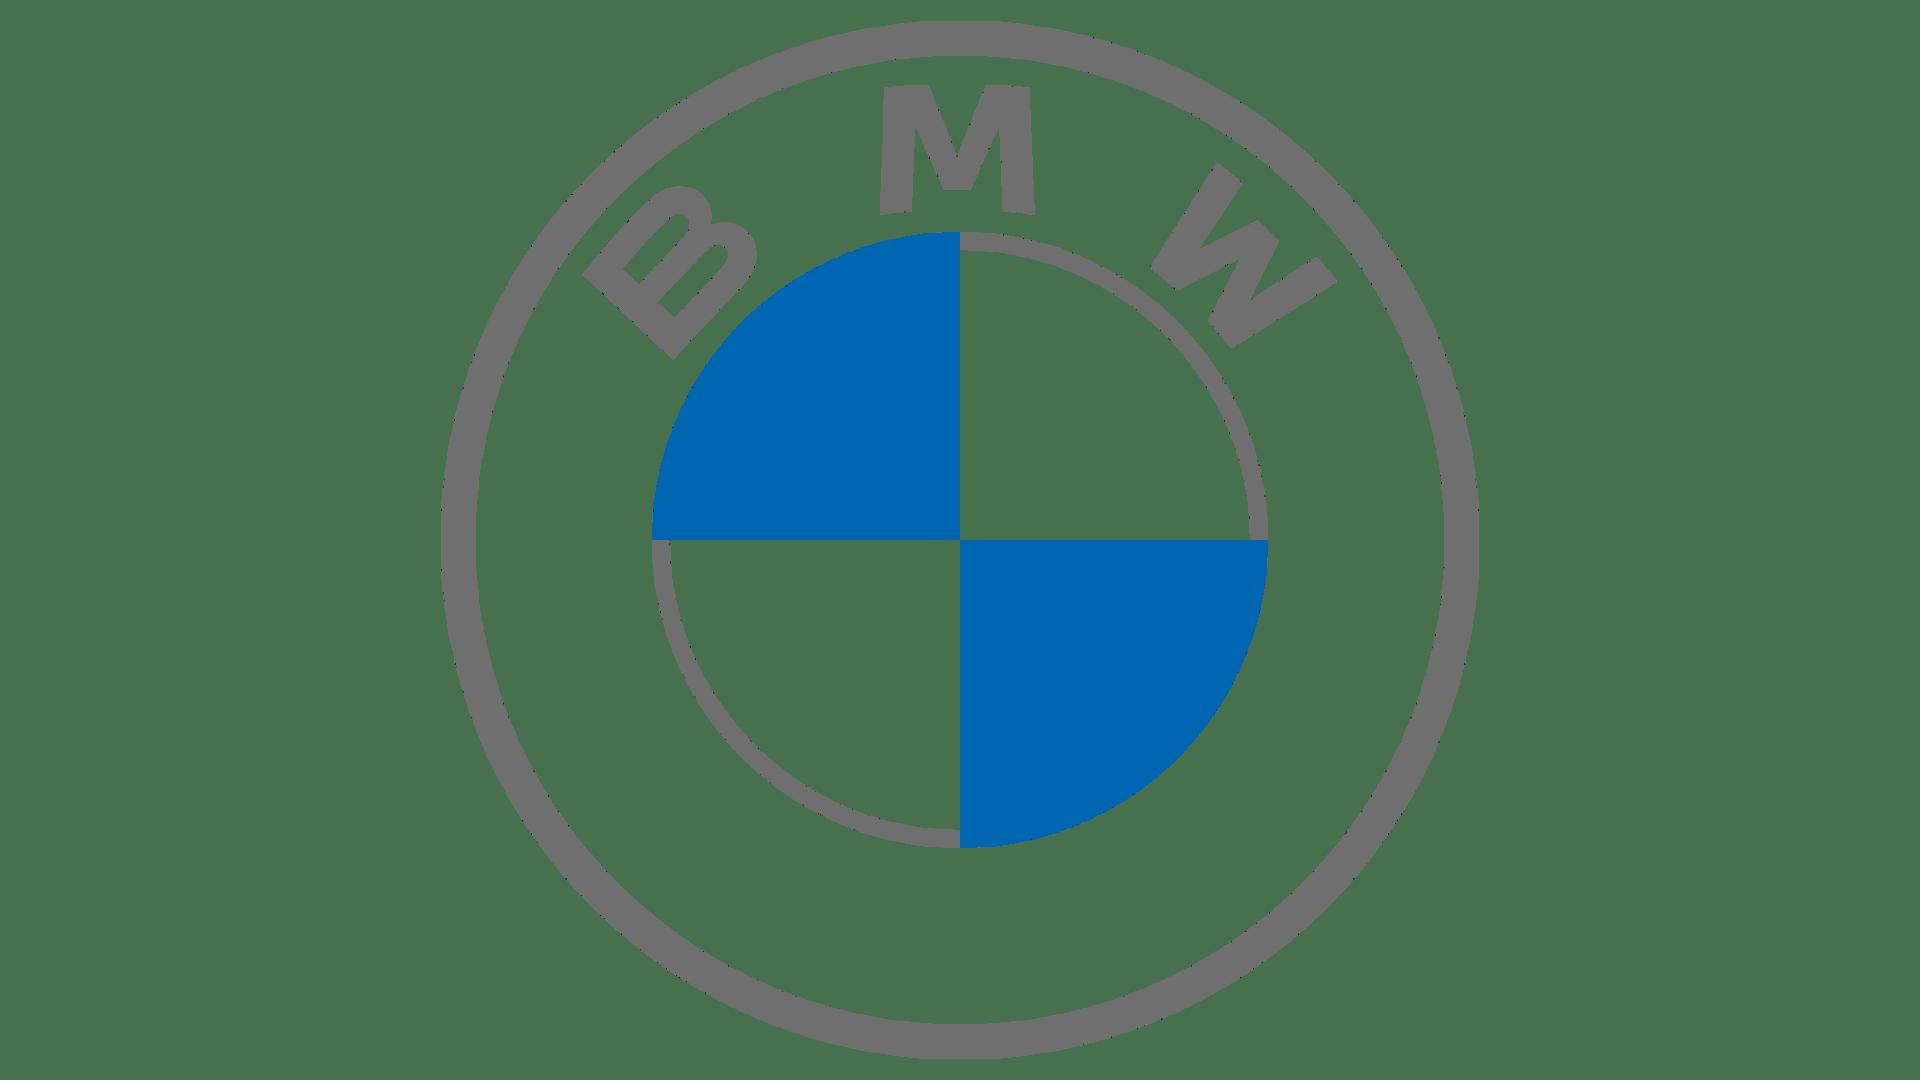 Новый логотип BMW (Bayerische Motoren Werke)